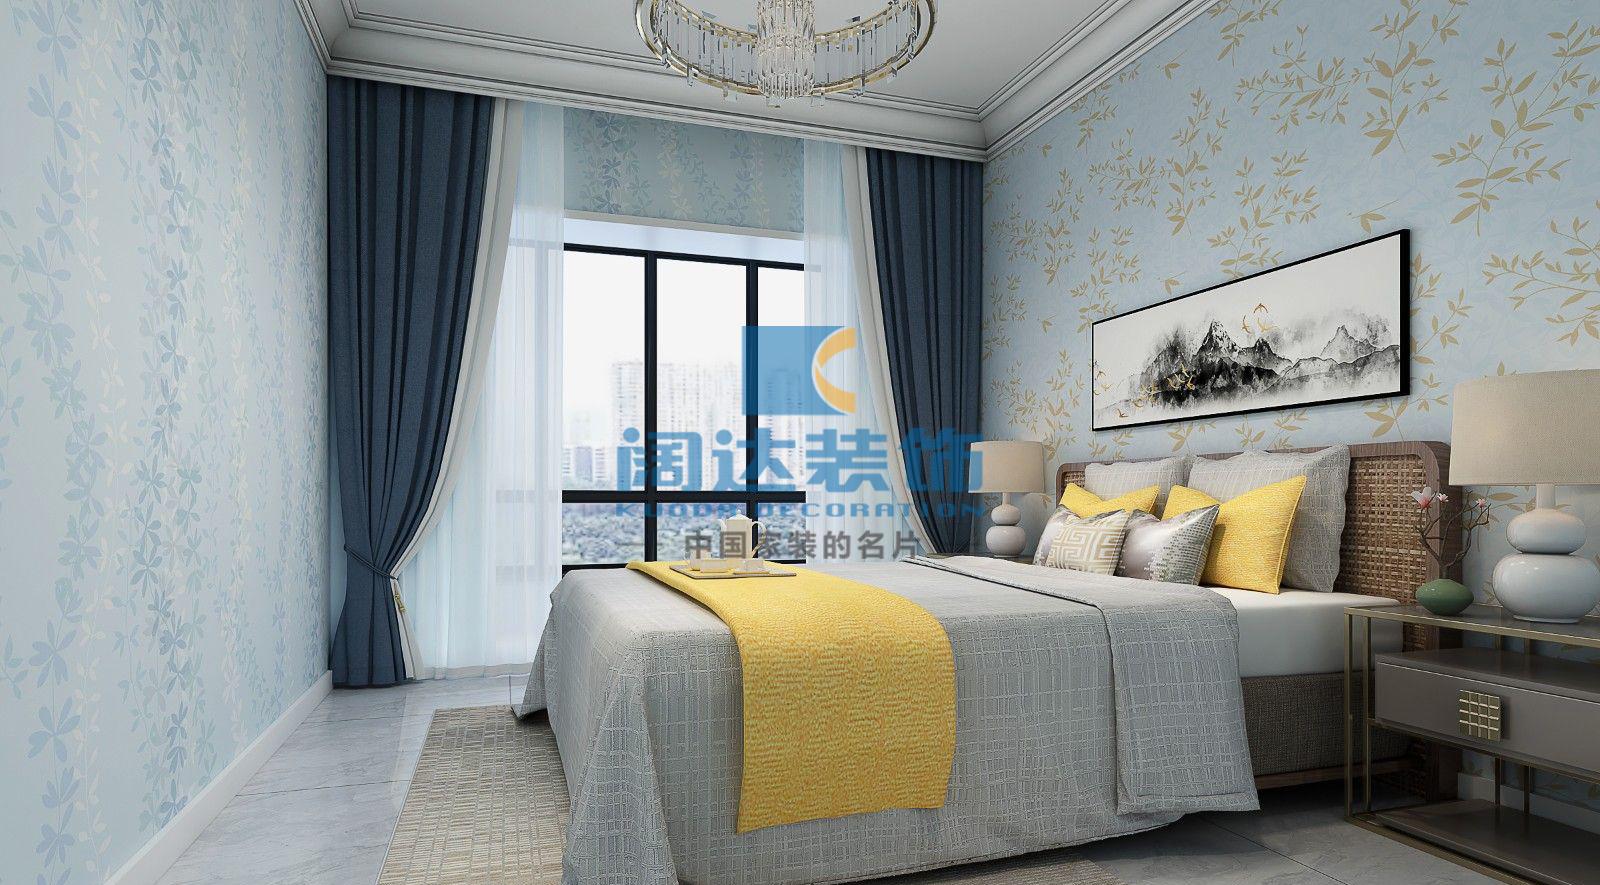 简约 欧式 田园 客厅 卧室图片来自兰州阔达装饰公司在聚金雅园 110平 现代简约风格的分享